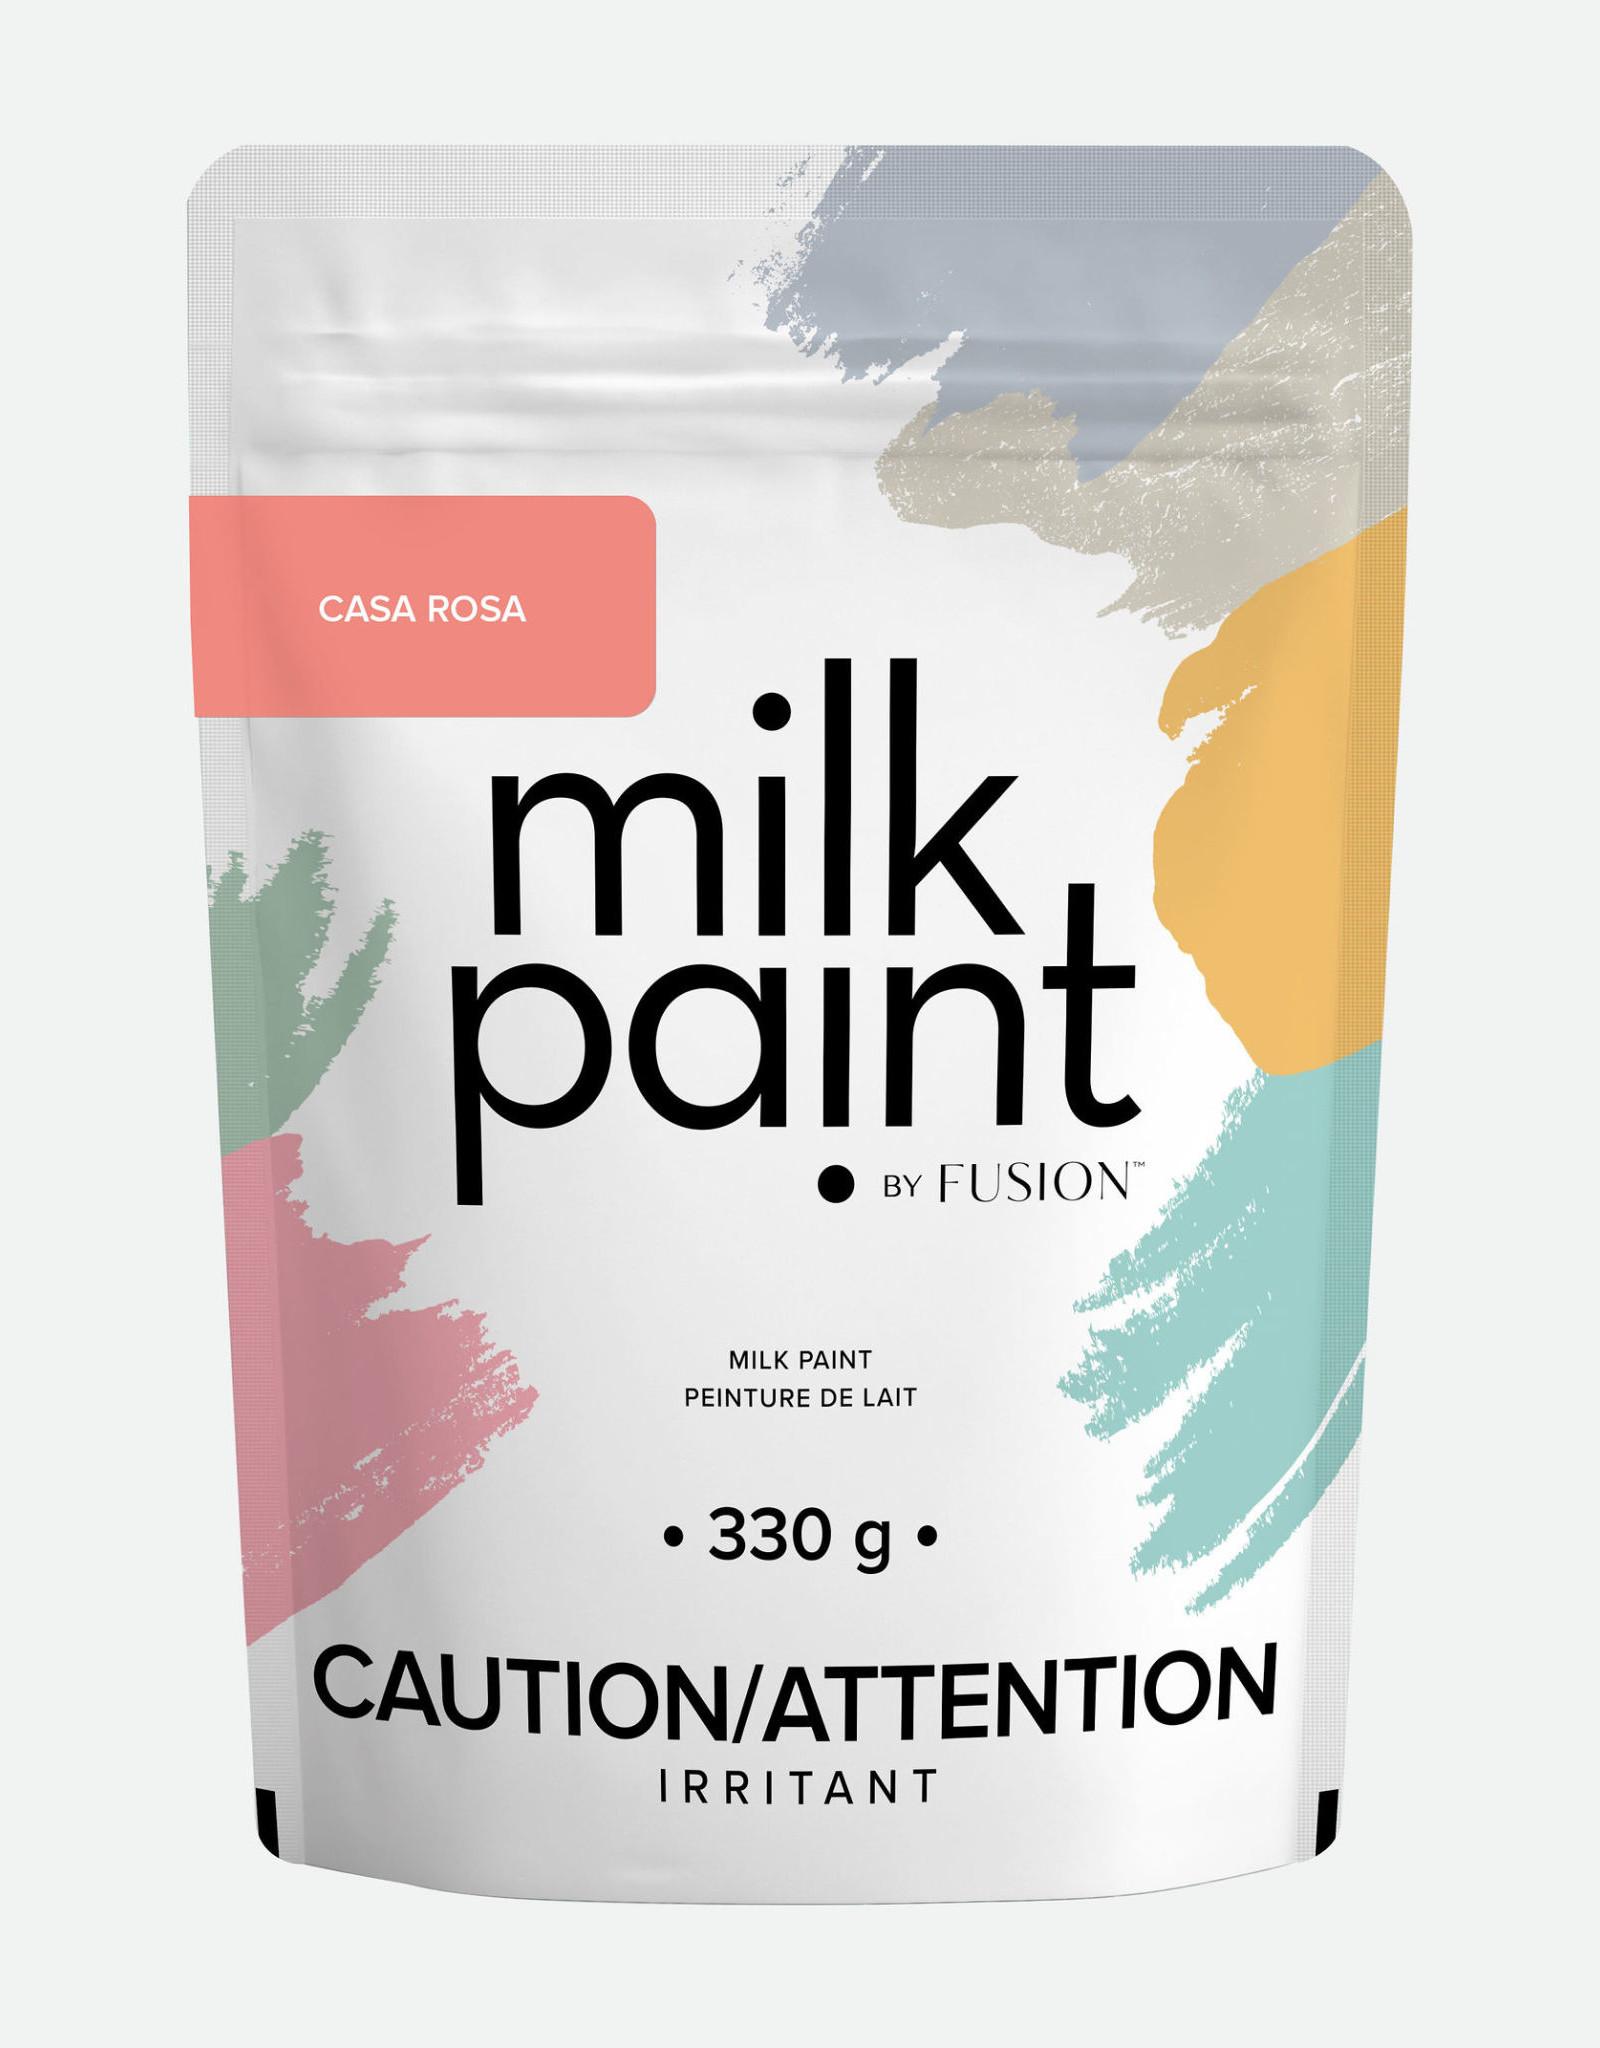 Fusion Mineral Paint Milk Paint 330g Casa Rosa